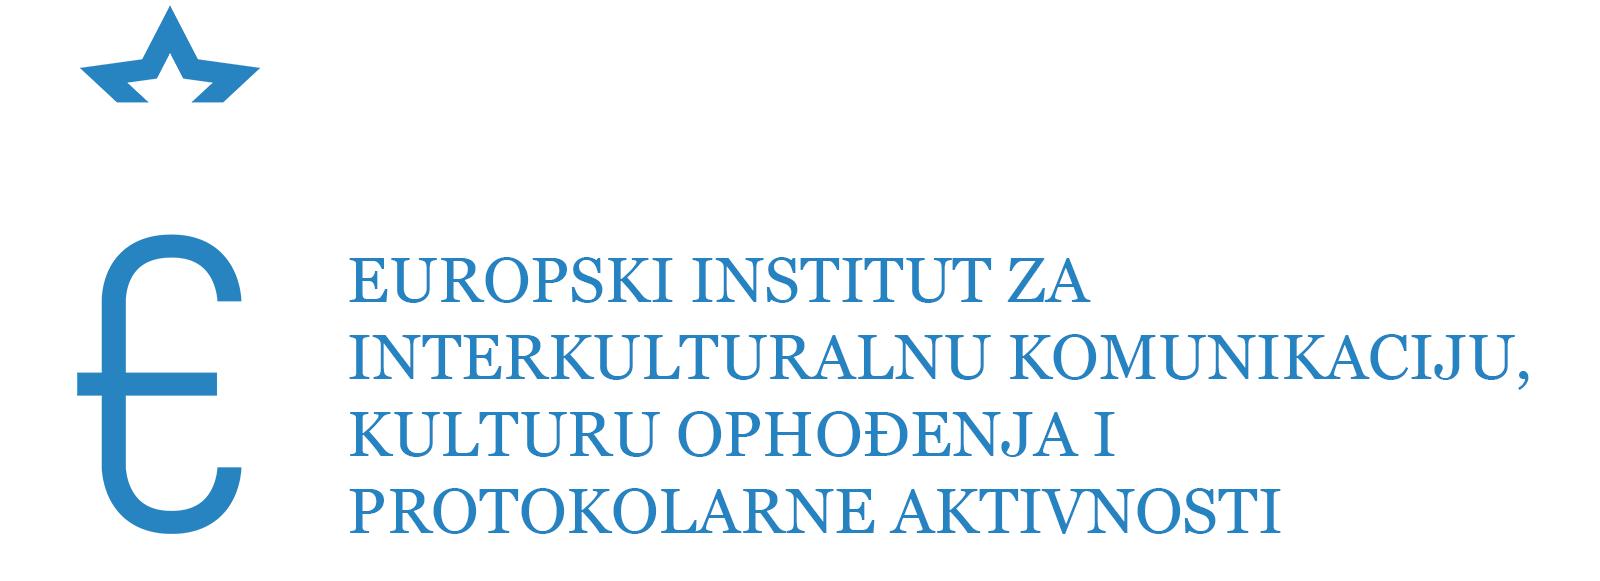 Europski institut za interkulturalnu komunikaciju, kulturu ophođenja i protokolarne aktivnosti